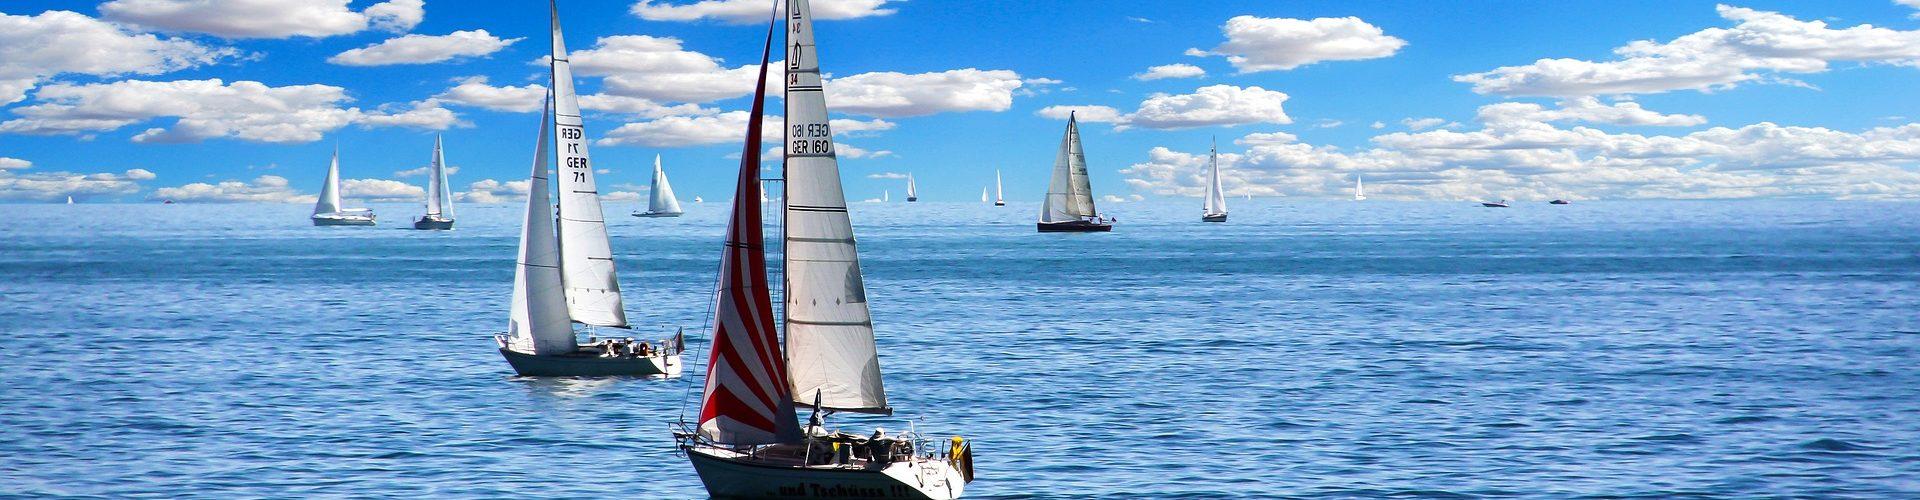 segeln lernen in Geldern segelschein machen in Geldern 1920x500 - Segeln lernen in Geldern